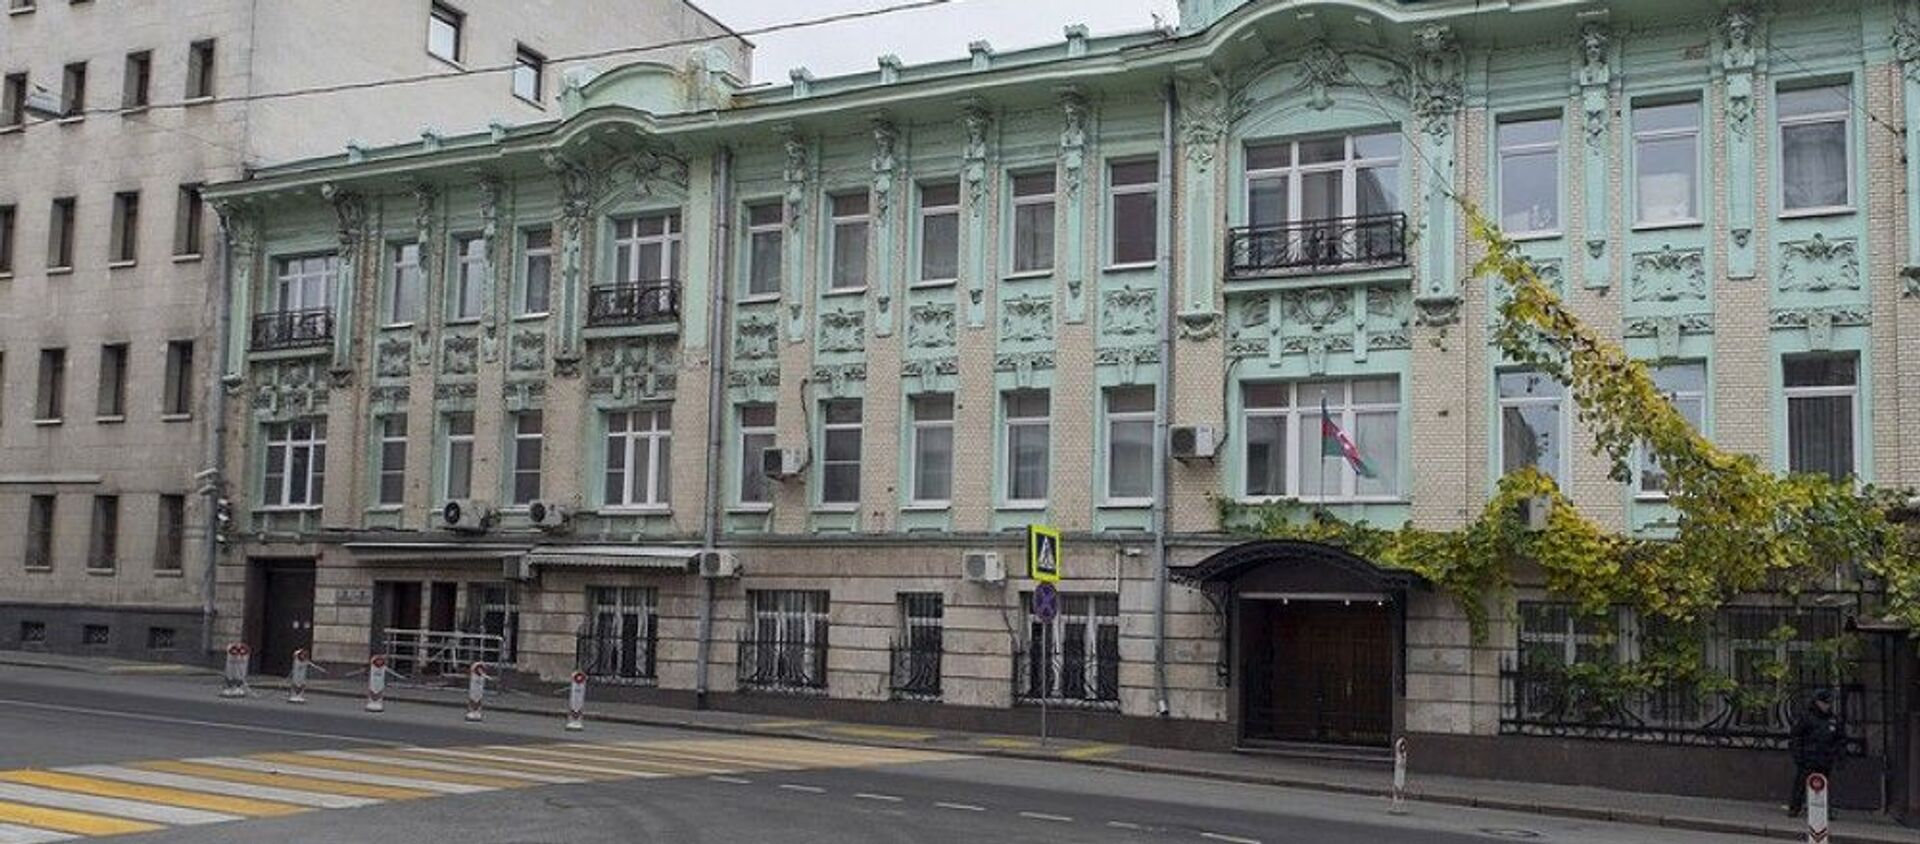 Здание посольства Азербайджана в Москве, фото из архива - Sputnik Азербайджан, 1920, 12.01.2021